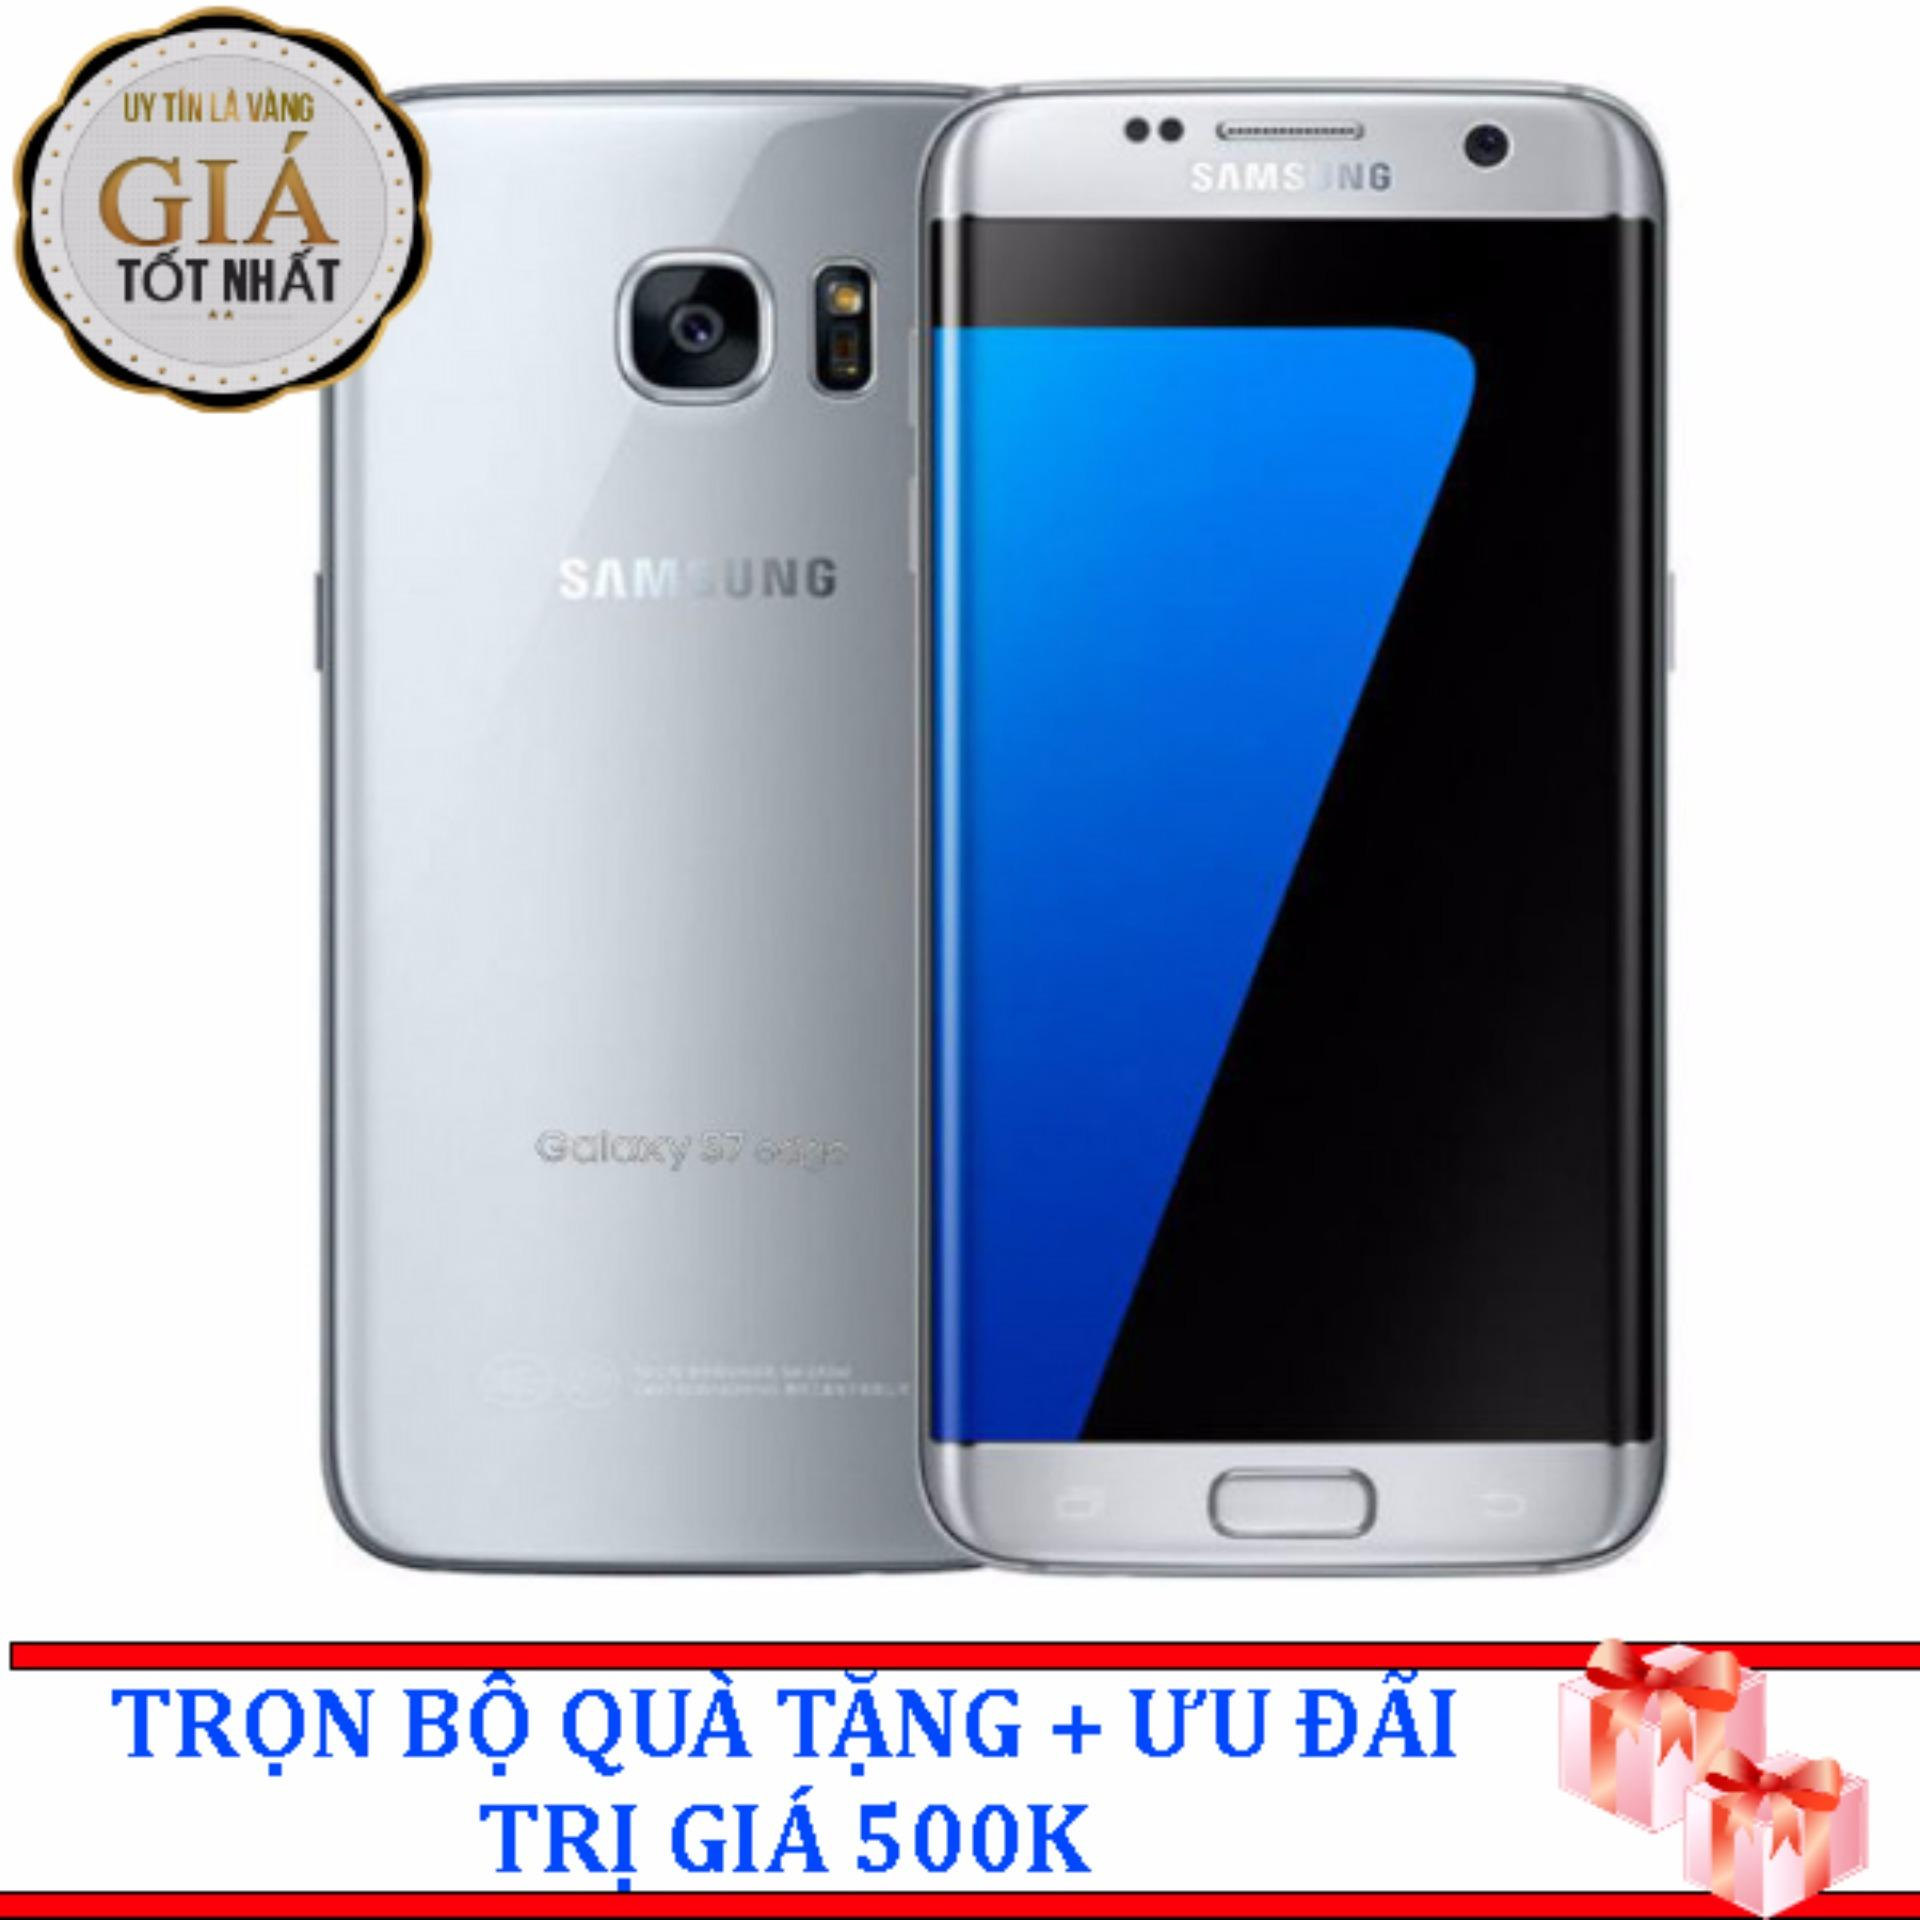 Bán Mua Trực Tuyến Samsung Galaxy S7 Edge 32Gb Bạc Hang Nhập Khẩu